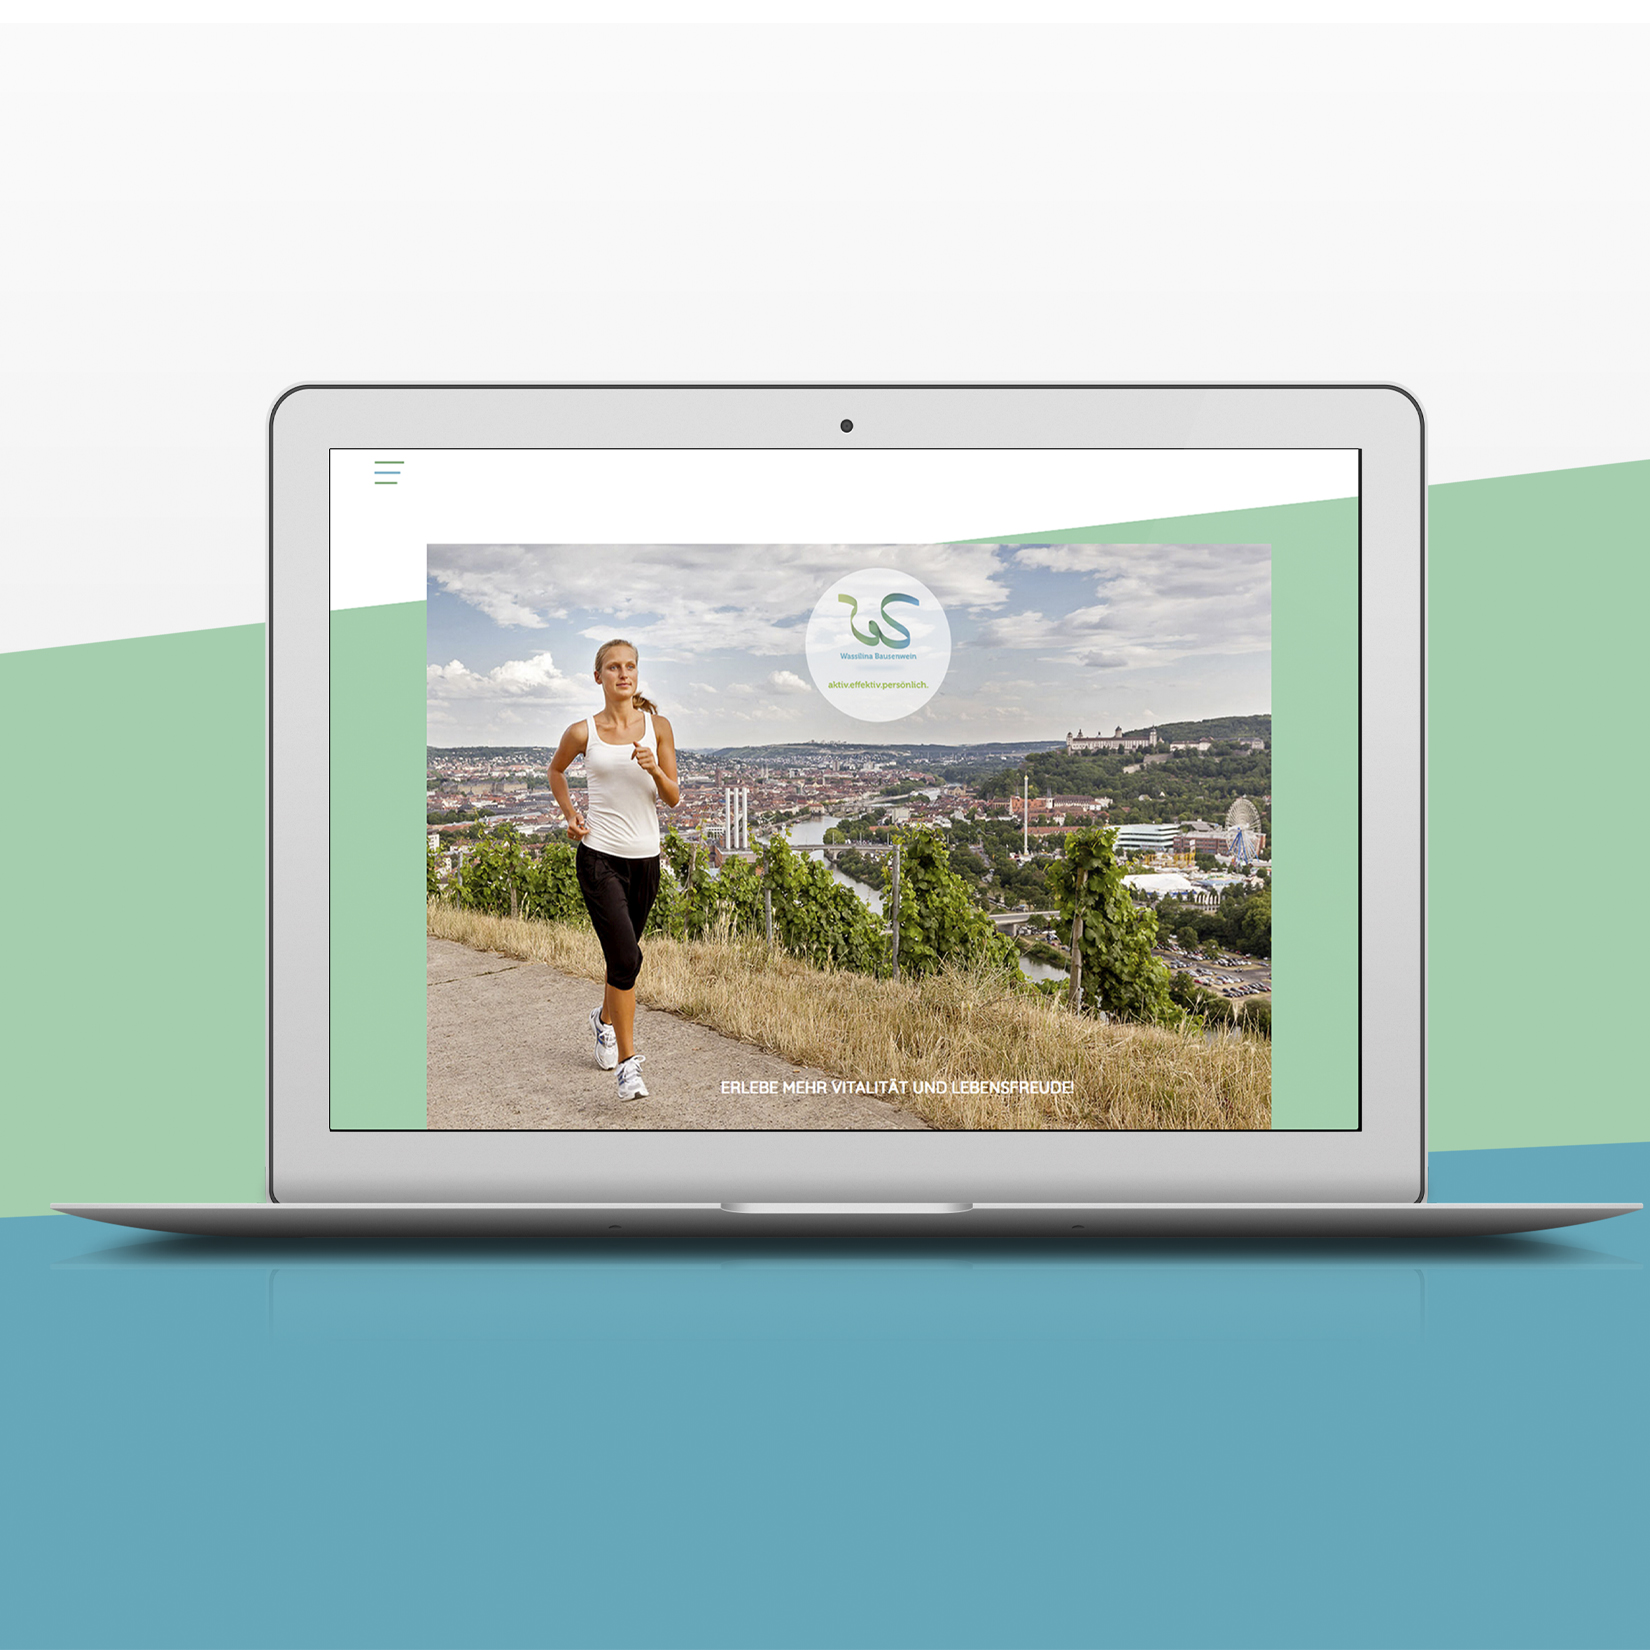 Wassilina Bausenwein Webdesign Mockup Laptop jos büro für Gestaltung Designbüro Würzburg